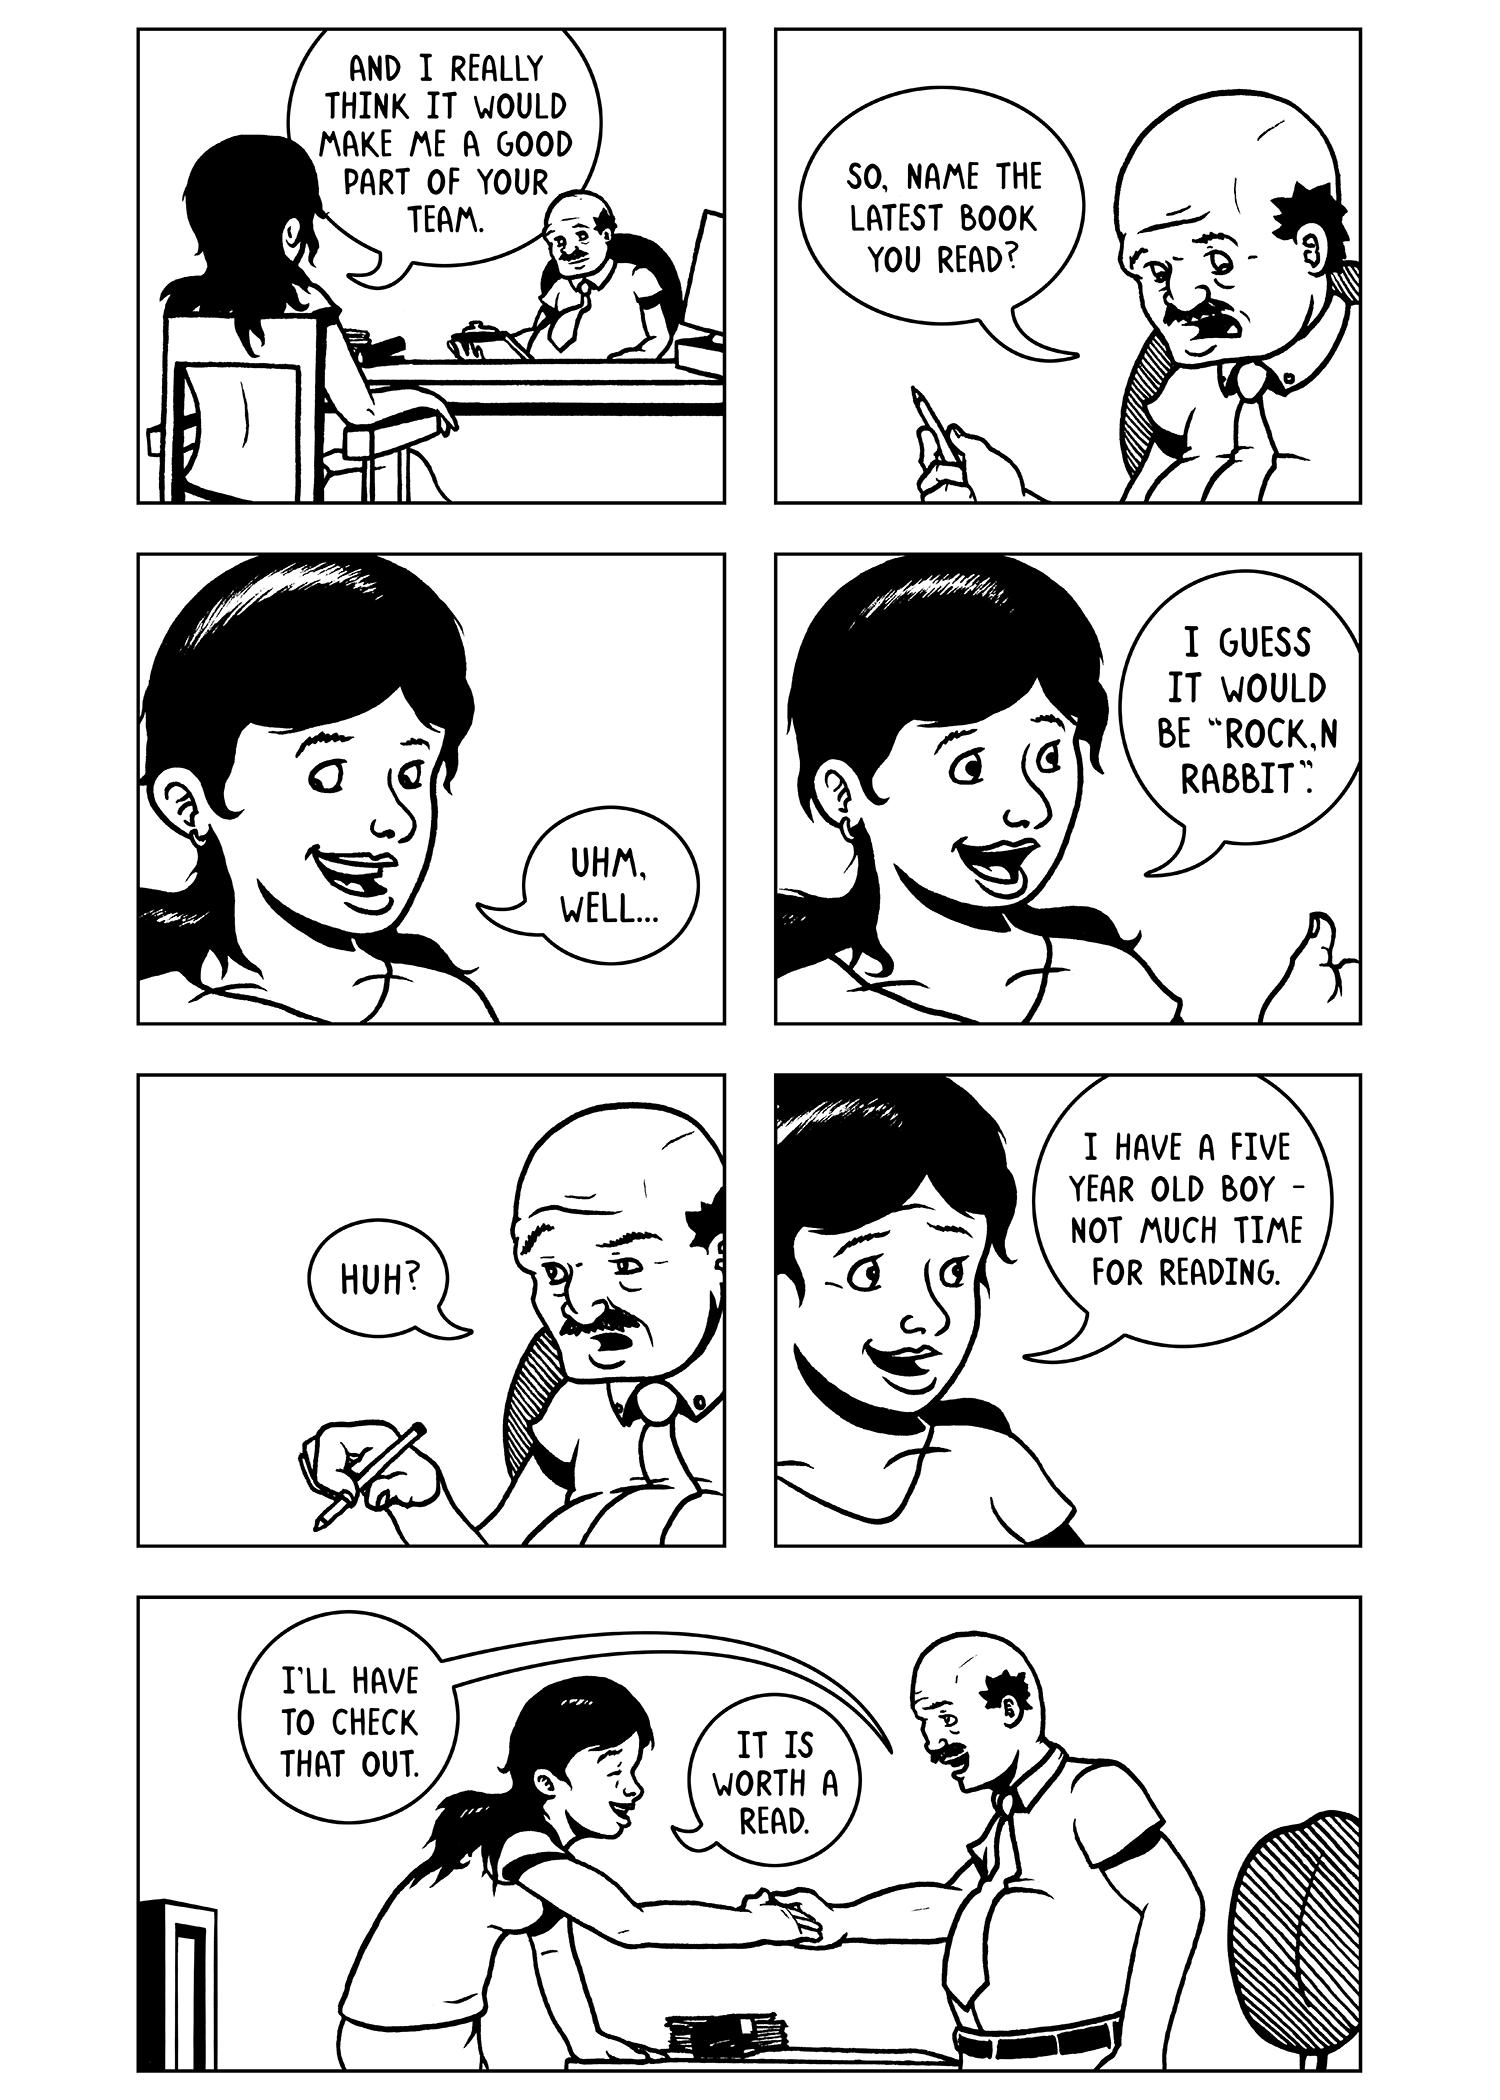 QWERTY_comic_22